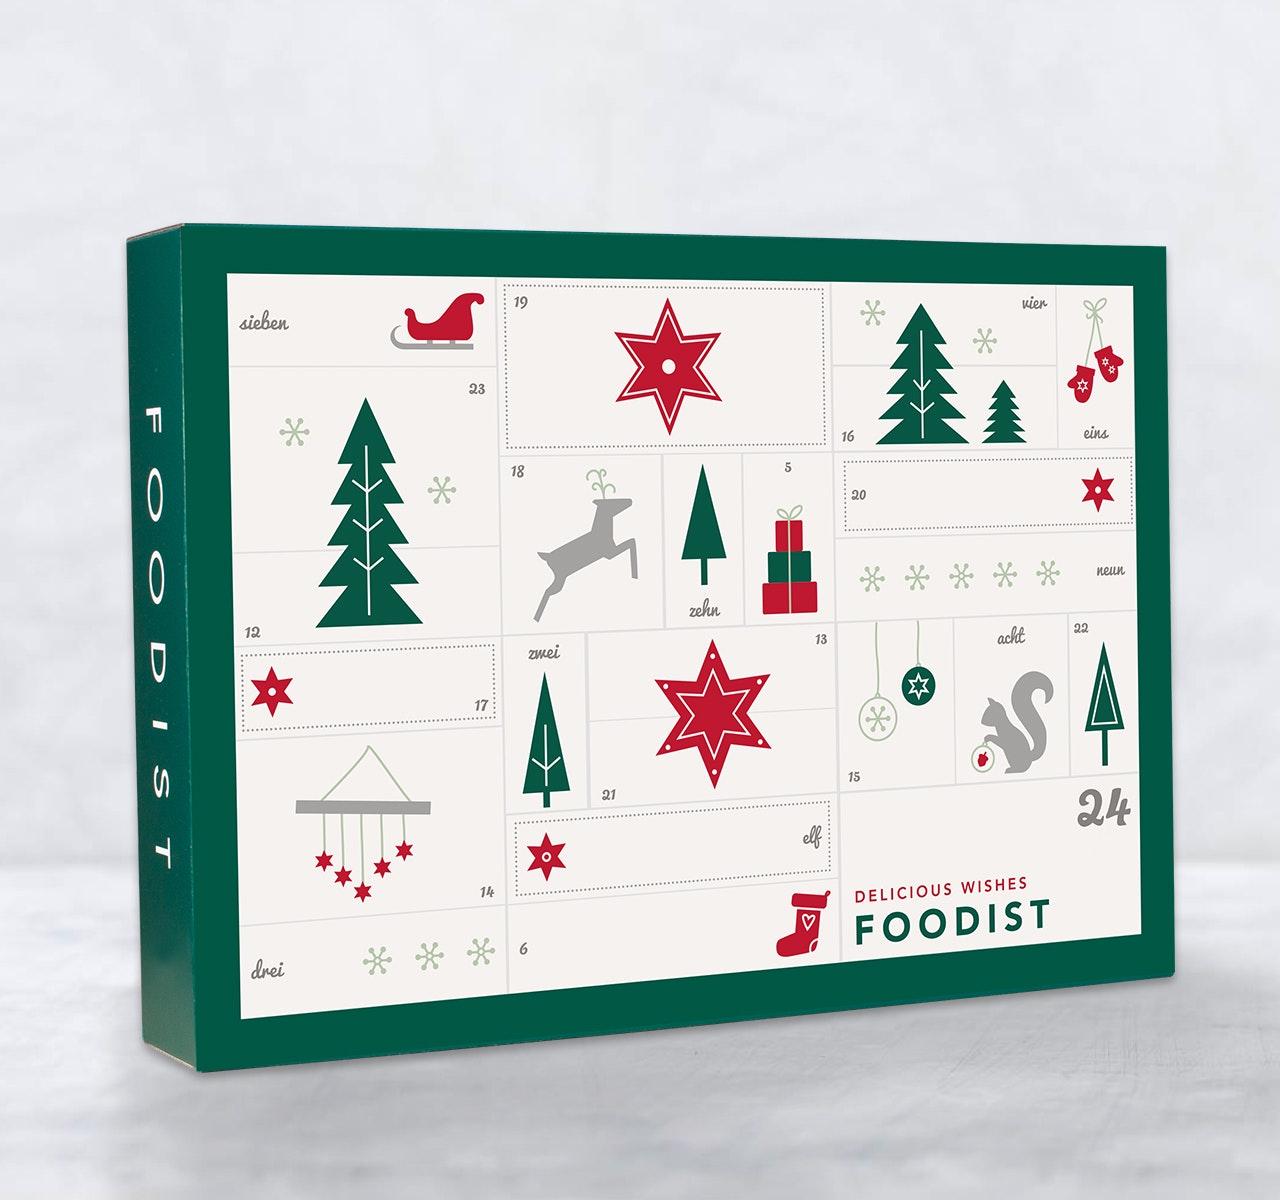 Gourmet Adventskalender 2018